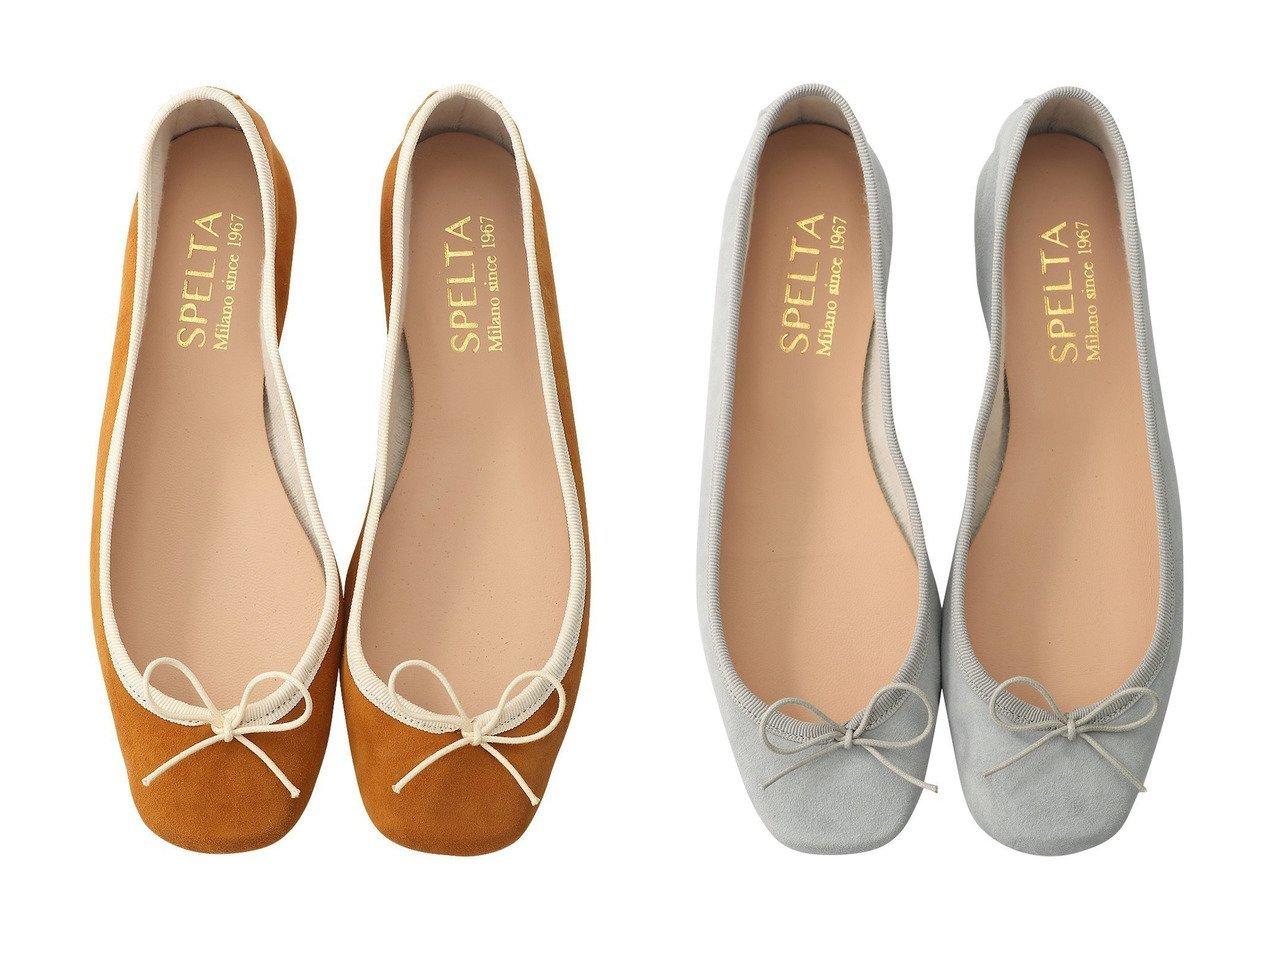 【SPELTA/スペルタ】の【ELLE SHOP限定】SOLE スエードバレエシューズ&SOLE スエードバレエシューズ SPELTAのおすすめ!人気、トレンド・レディースファッションの通販 おすすめで人気の流行・トレンド、ファッションの通販商品 メンズファッション・キッズファッション・インテリア・家具・レディースファッション・服の通販 founy(ファニー) https://founy.com/ ファッション Fashion レディースファッション WOMEN 2021年 2021 2021 春夏 S/S SS Spring/Summer 2021 S/S 春夏 SS Spring/Summer なめらか シューズ スエード バレエ パイピング パーティ フラット リボン 定番 Standard 春 Spring  ID:crp329100000018314